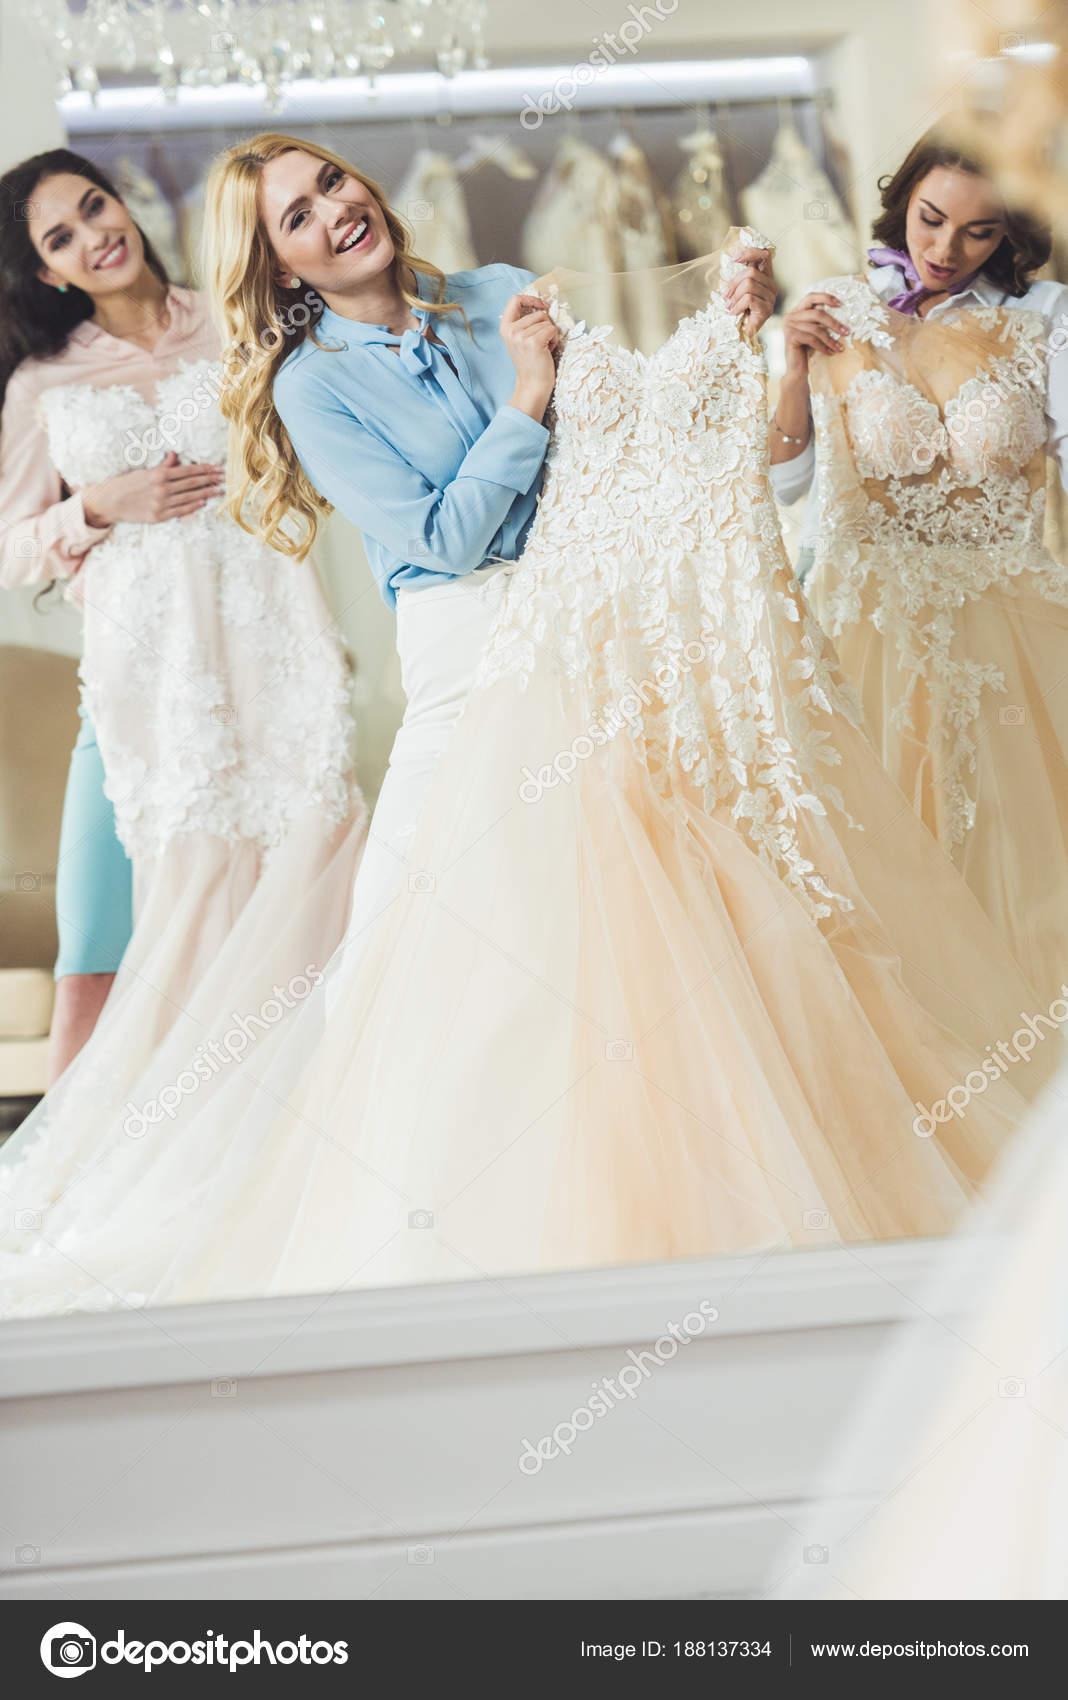 954ce65e1 Feliz Novia Damas Honor Probandose Vestidos Por Espejo Tienda Moda — Foto  de Stock